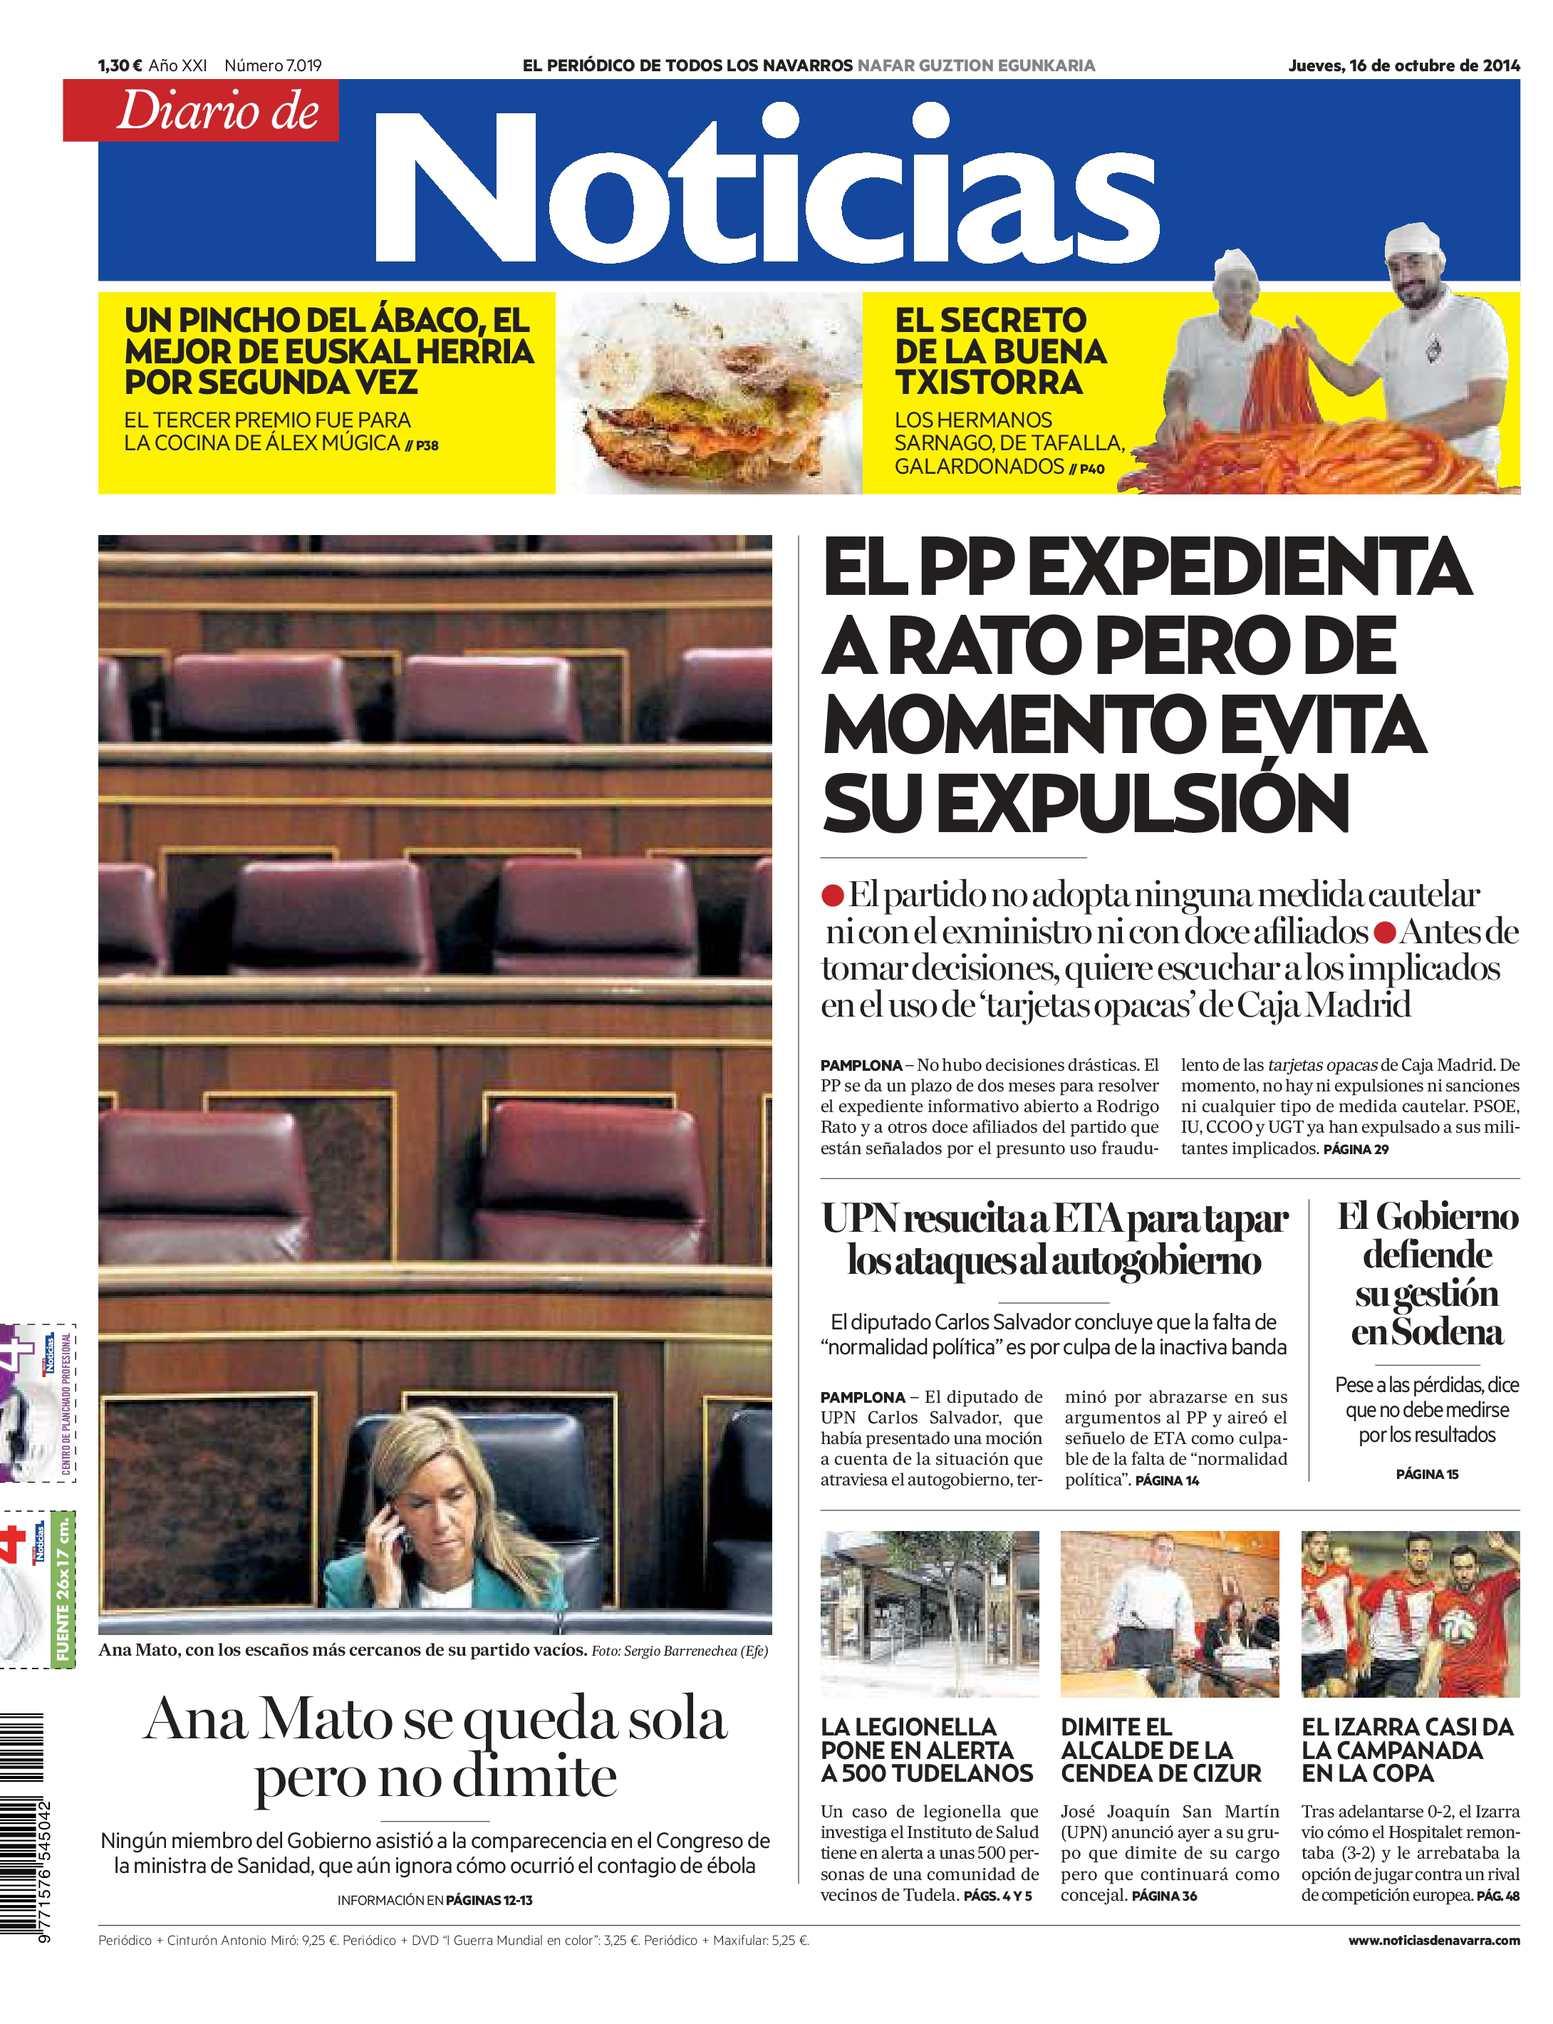 ca2013a7991e Calaméo - Diario de Noticias 20141016